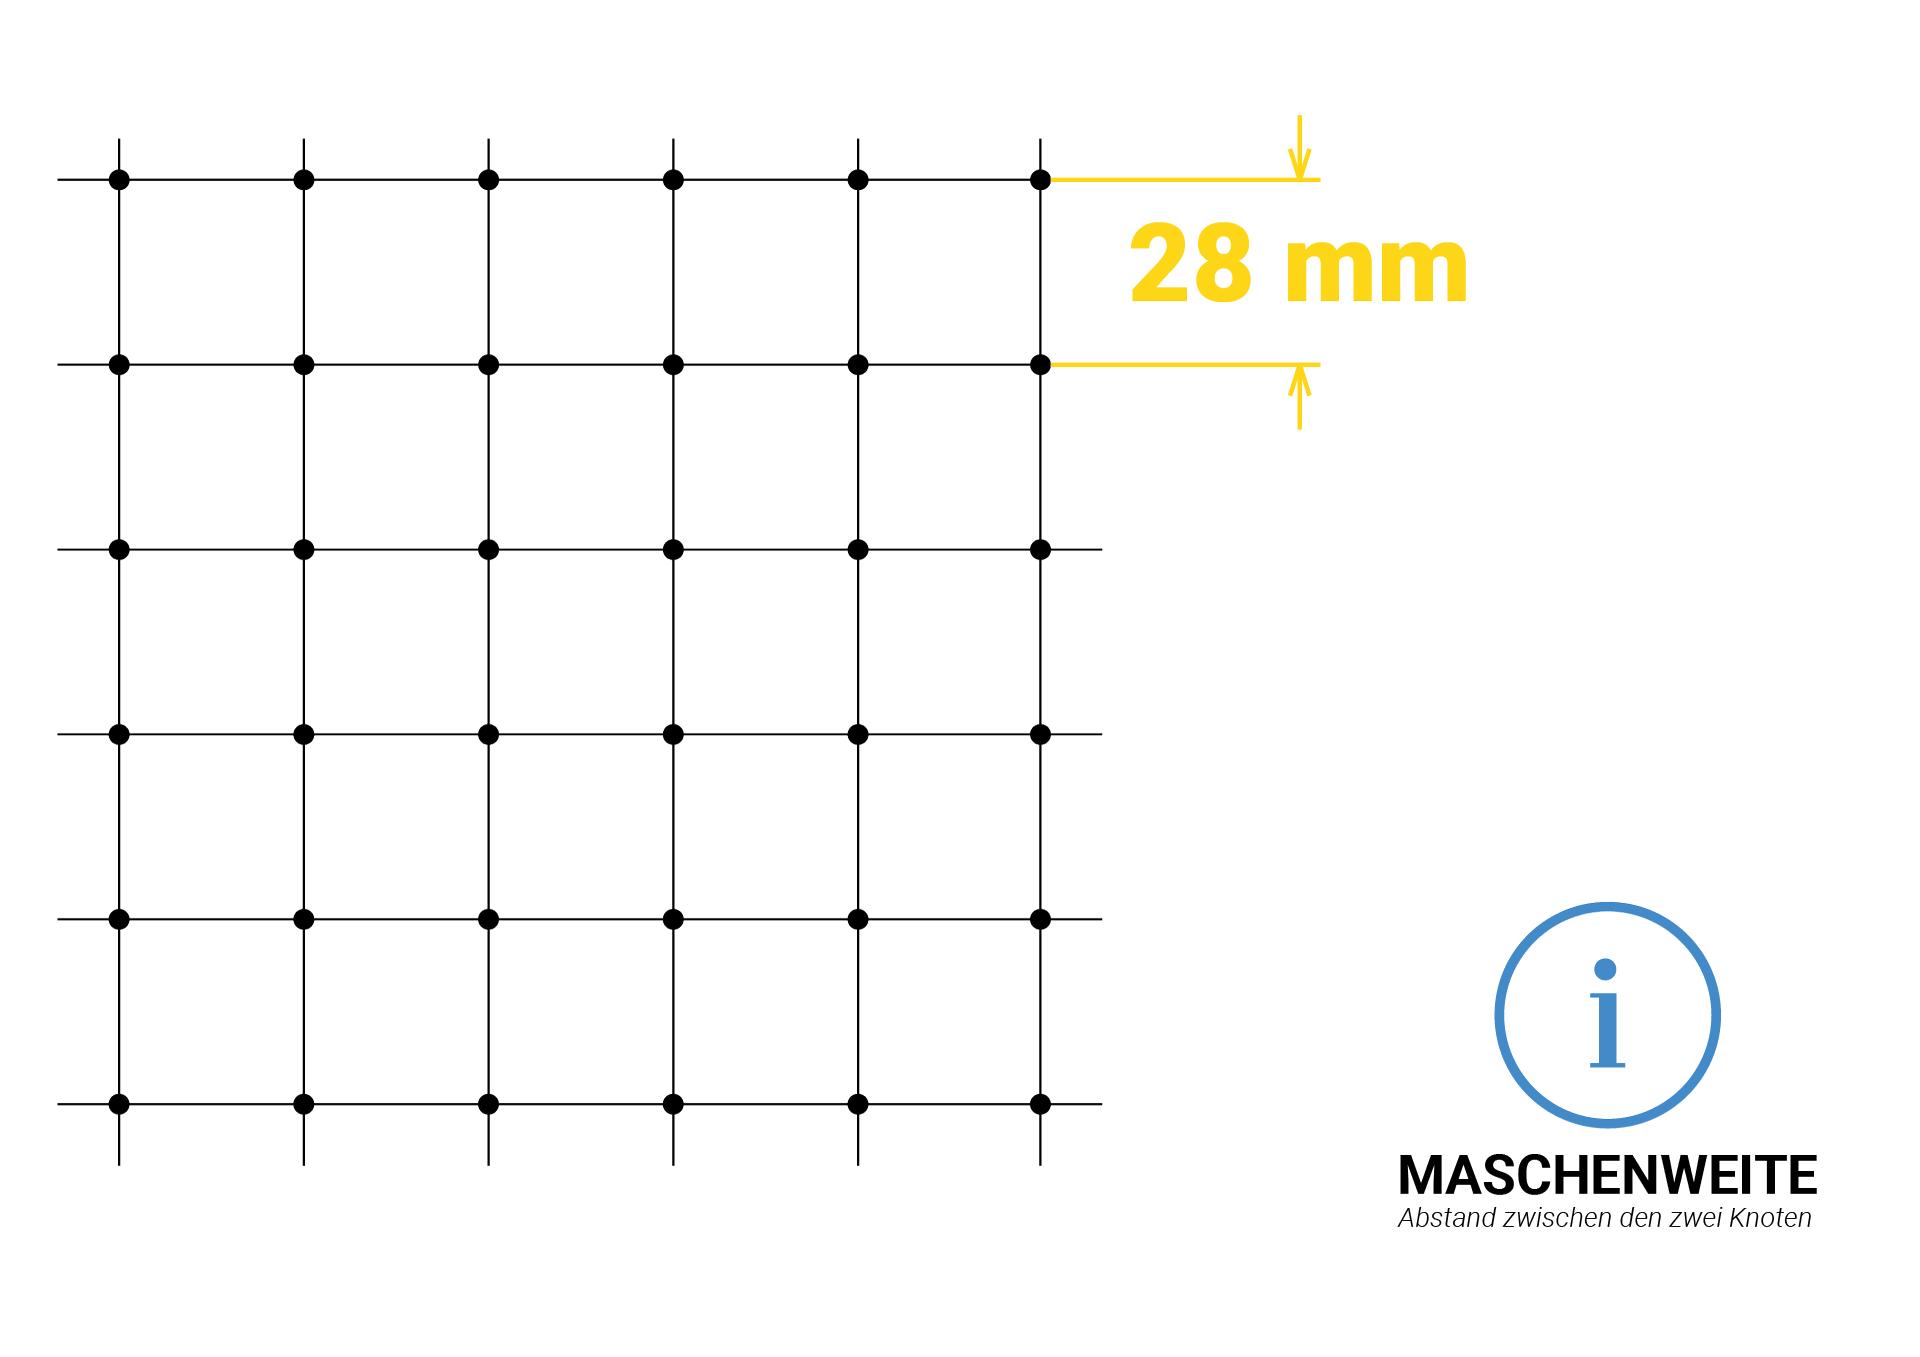 TAN Polyäthylennetz schwarz Maschenweite 28x28 mm, Garnstärke 1 mm, - Zuschnitt